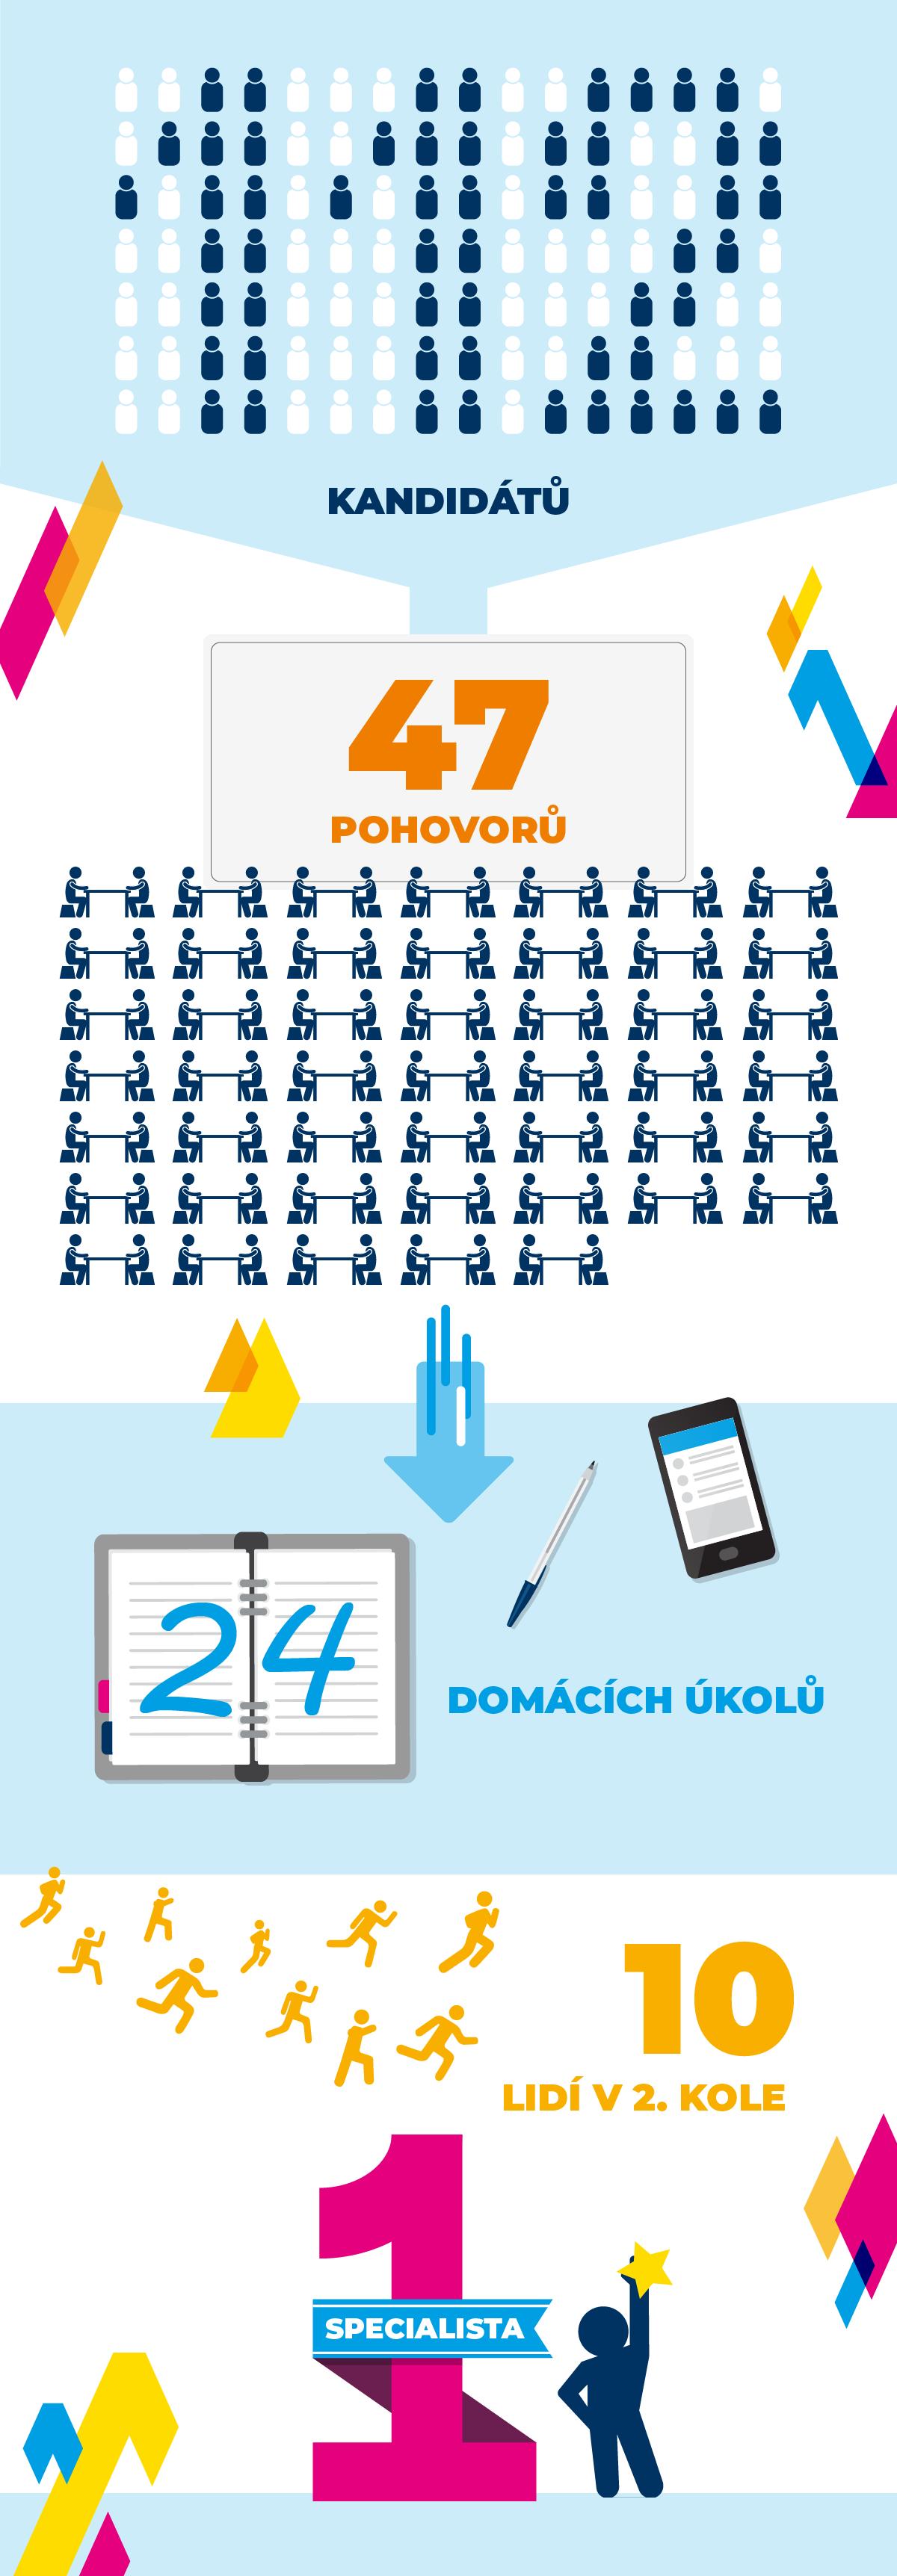 Acomware-infografika-nabor-social-media-specialisty